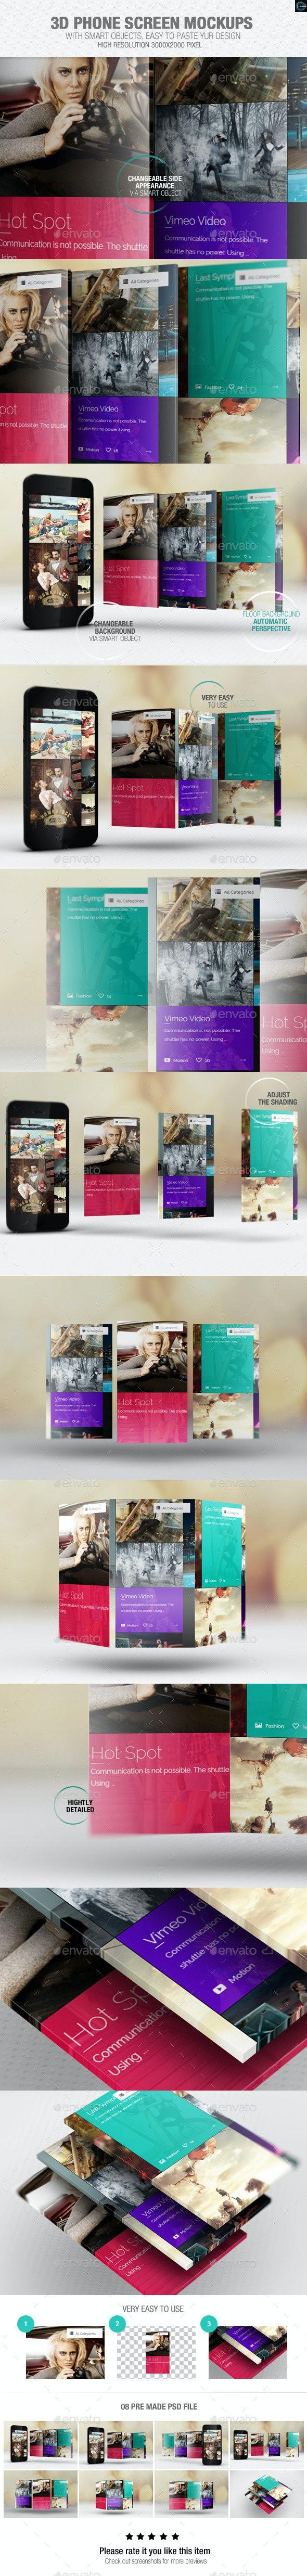 3D Phone Screen Mockups - Mobile Displays